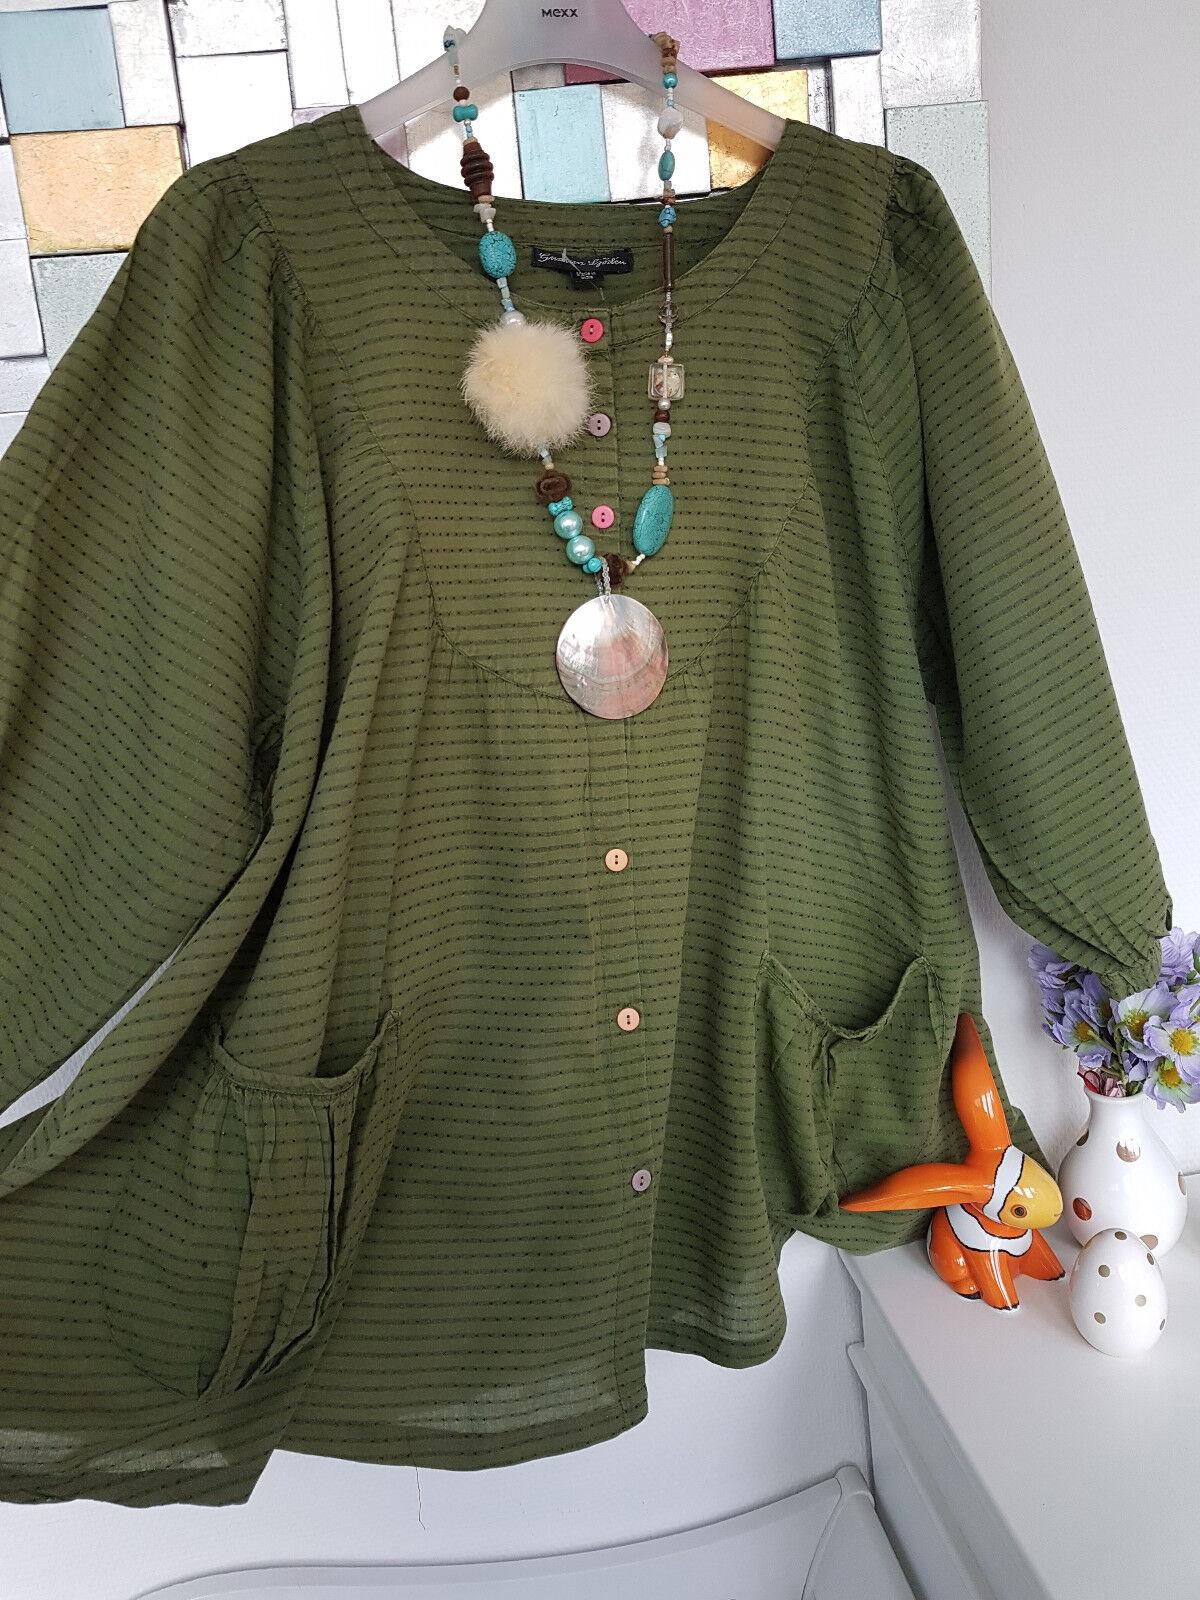 Gudcourir Sjöden Magnifique grand intersecté tunique 100% Cotton taille XL 210